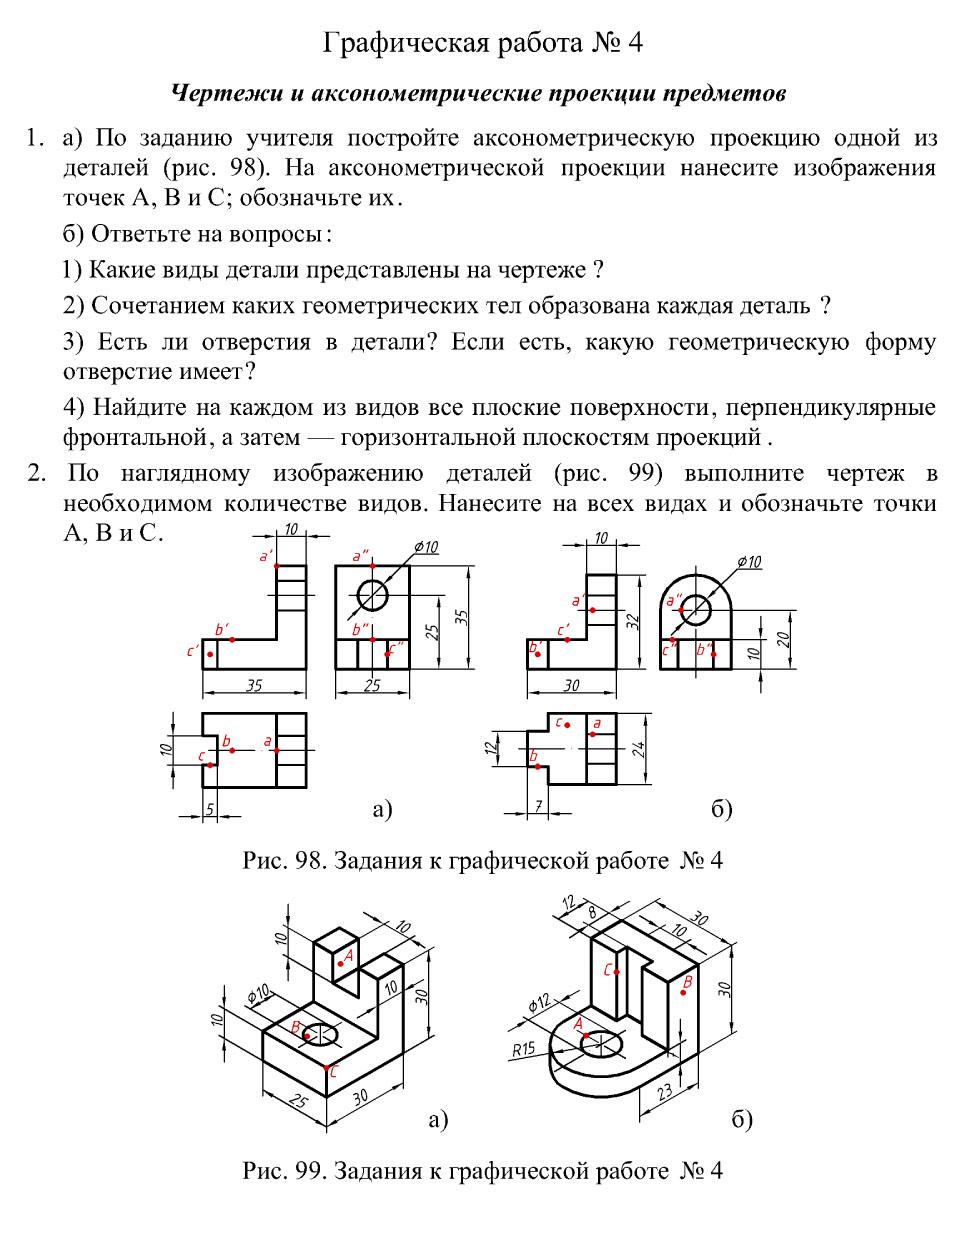 Технические рисунки группы геометрических тел 9 класс в.в.степакова